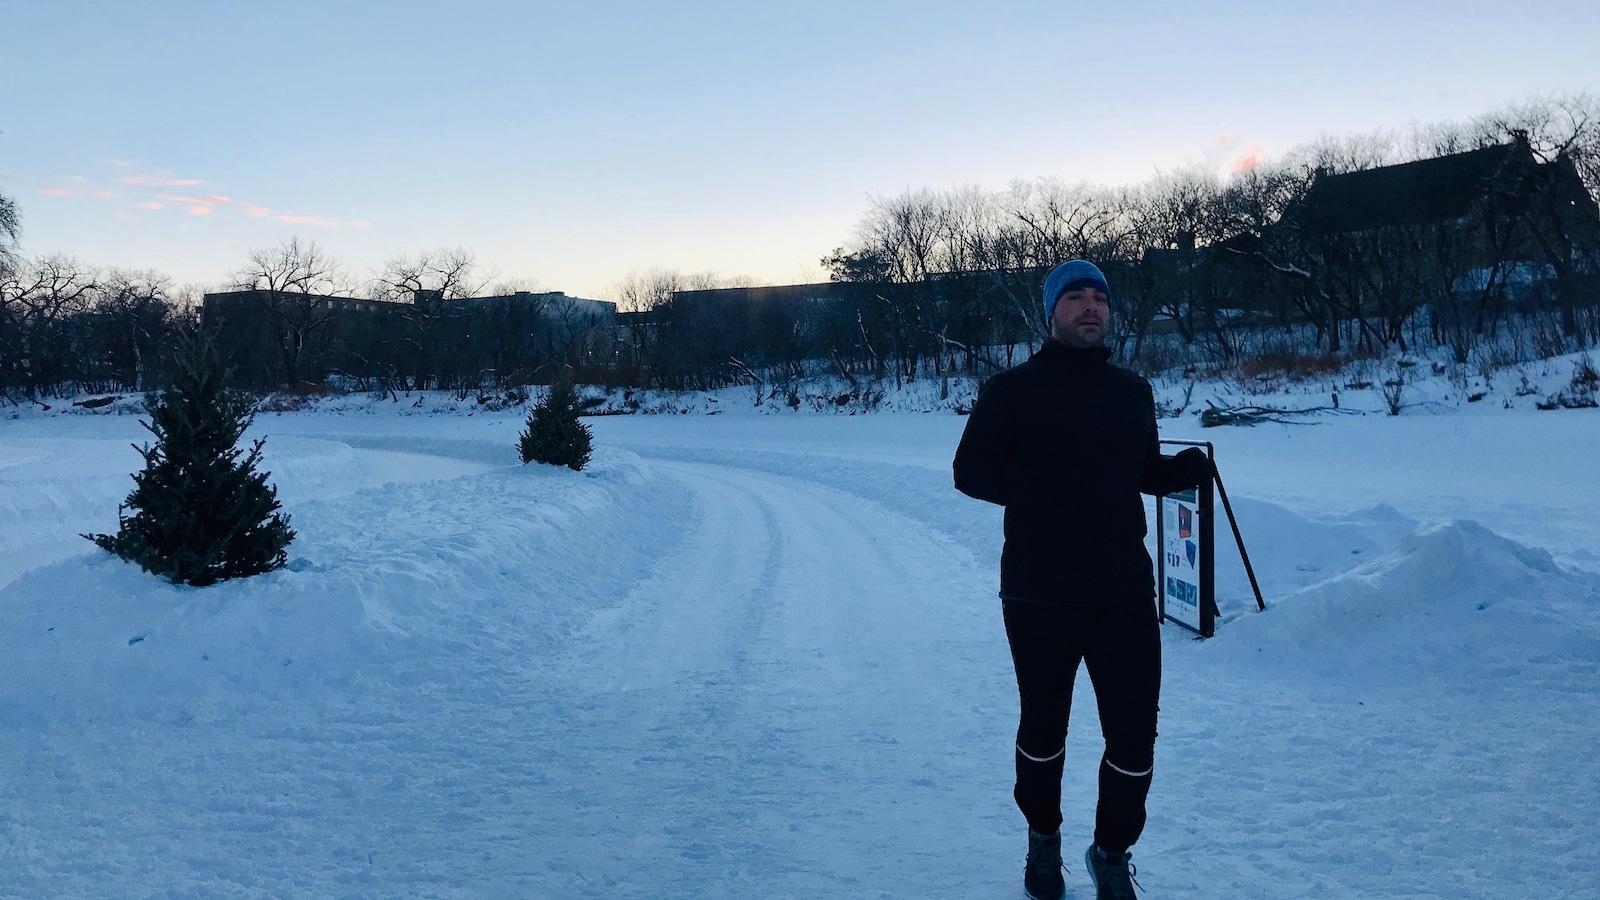 Un homme court dans un sentier enneigé.